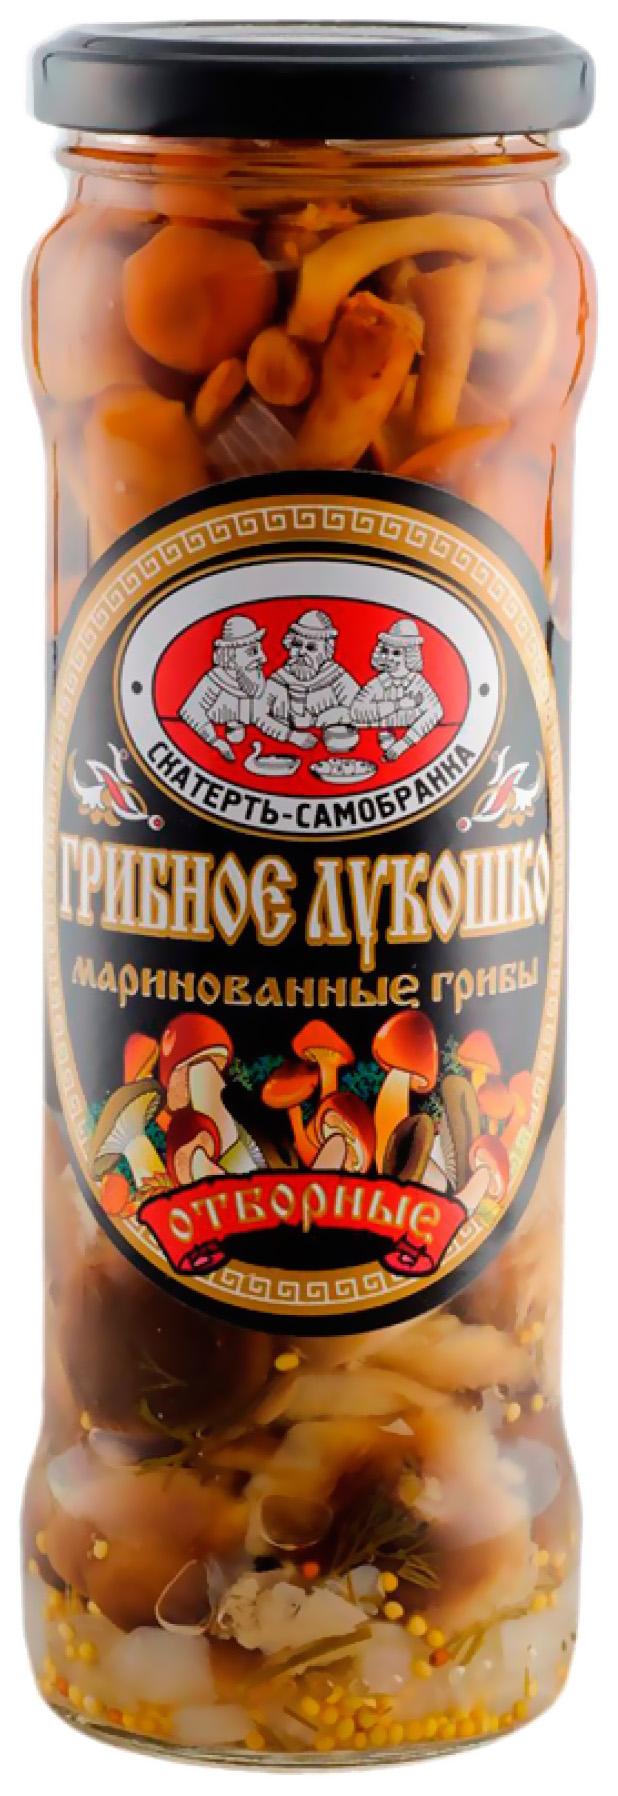 Грибы Скатерть-самобранка маринованные грибное лукошко отборные 330 г фото